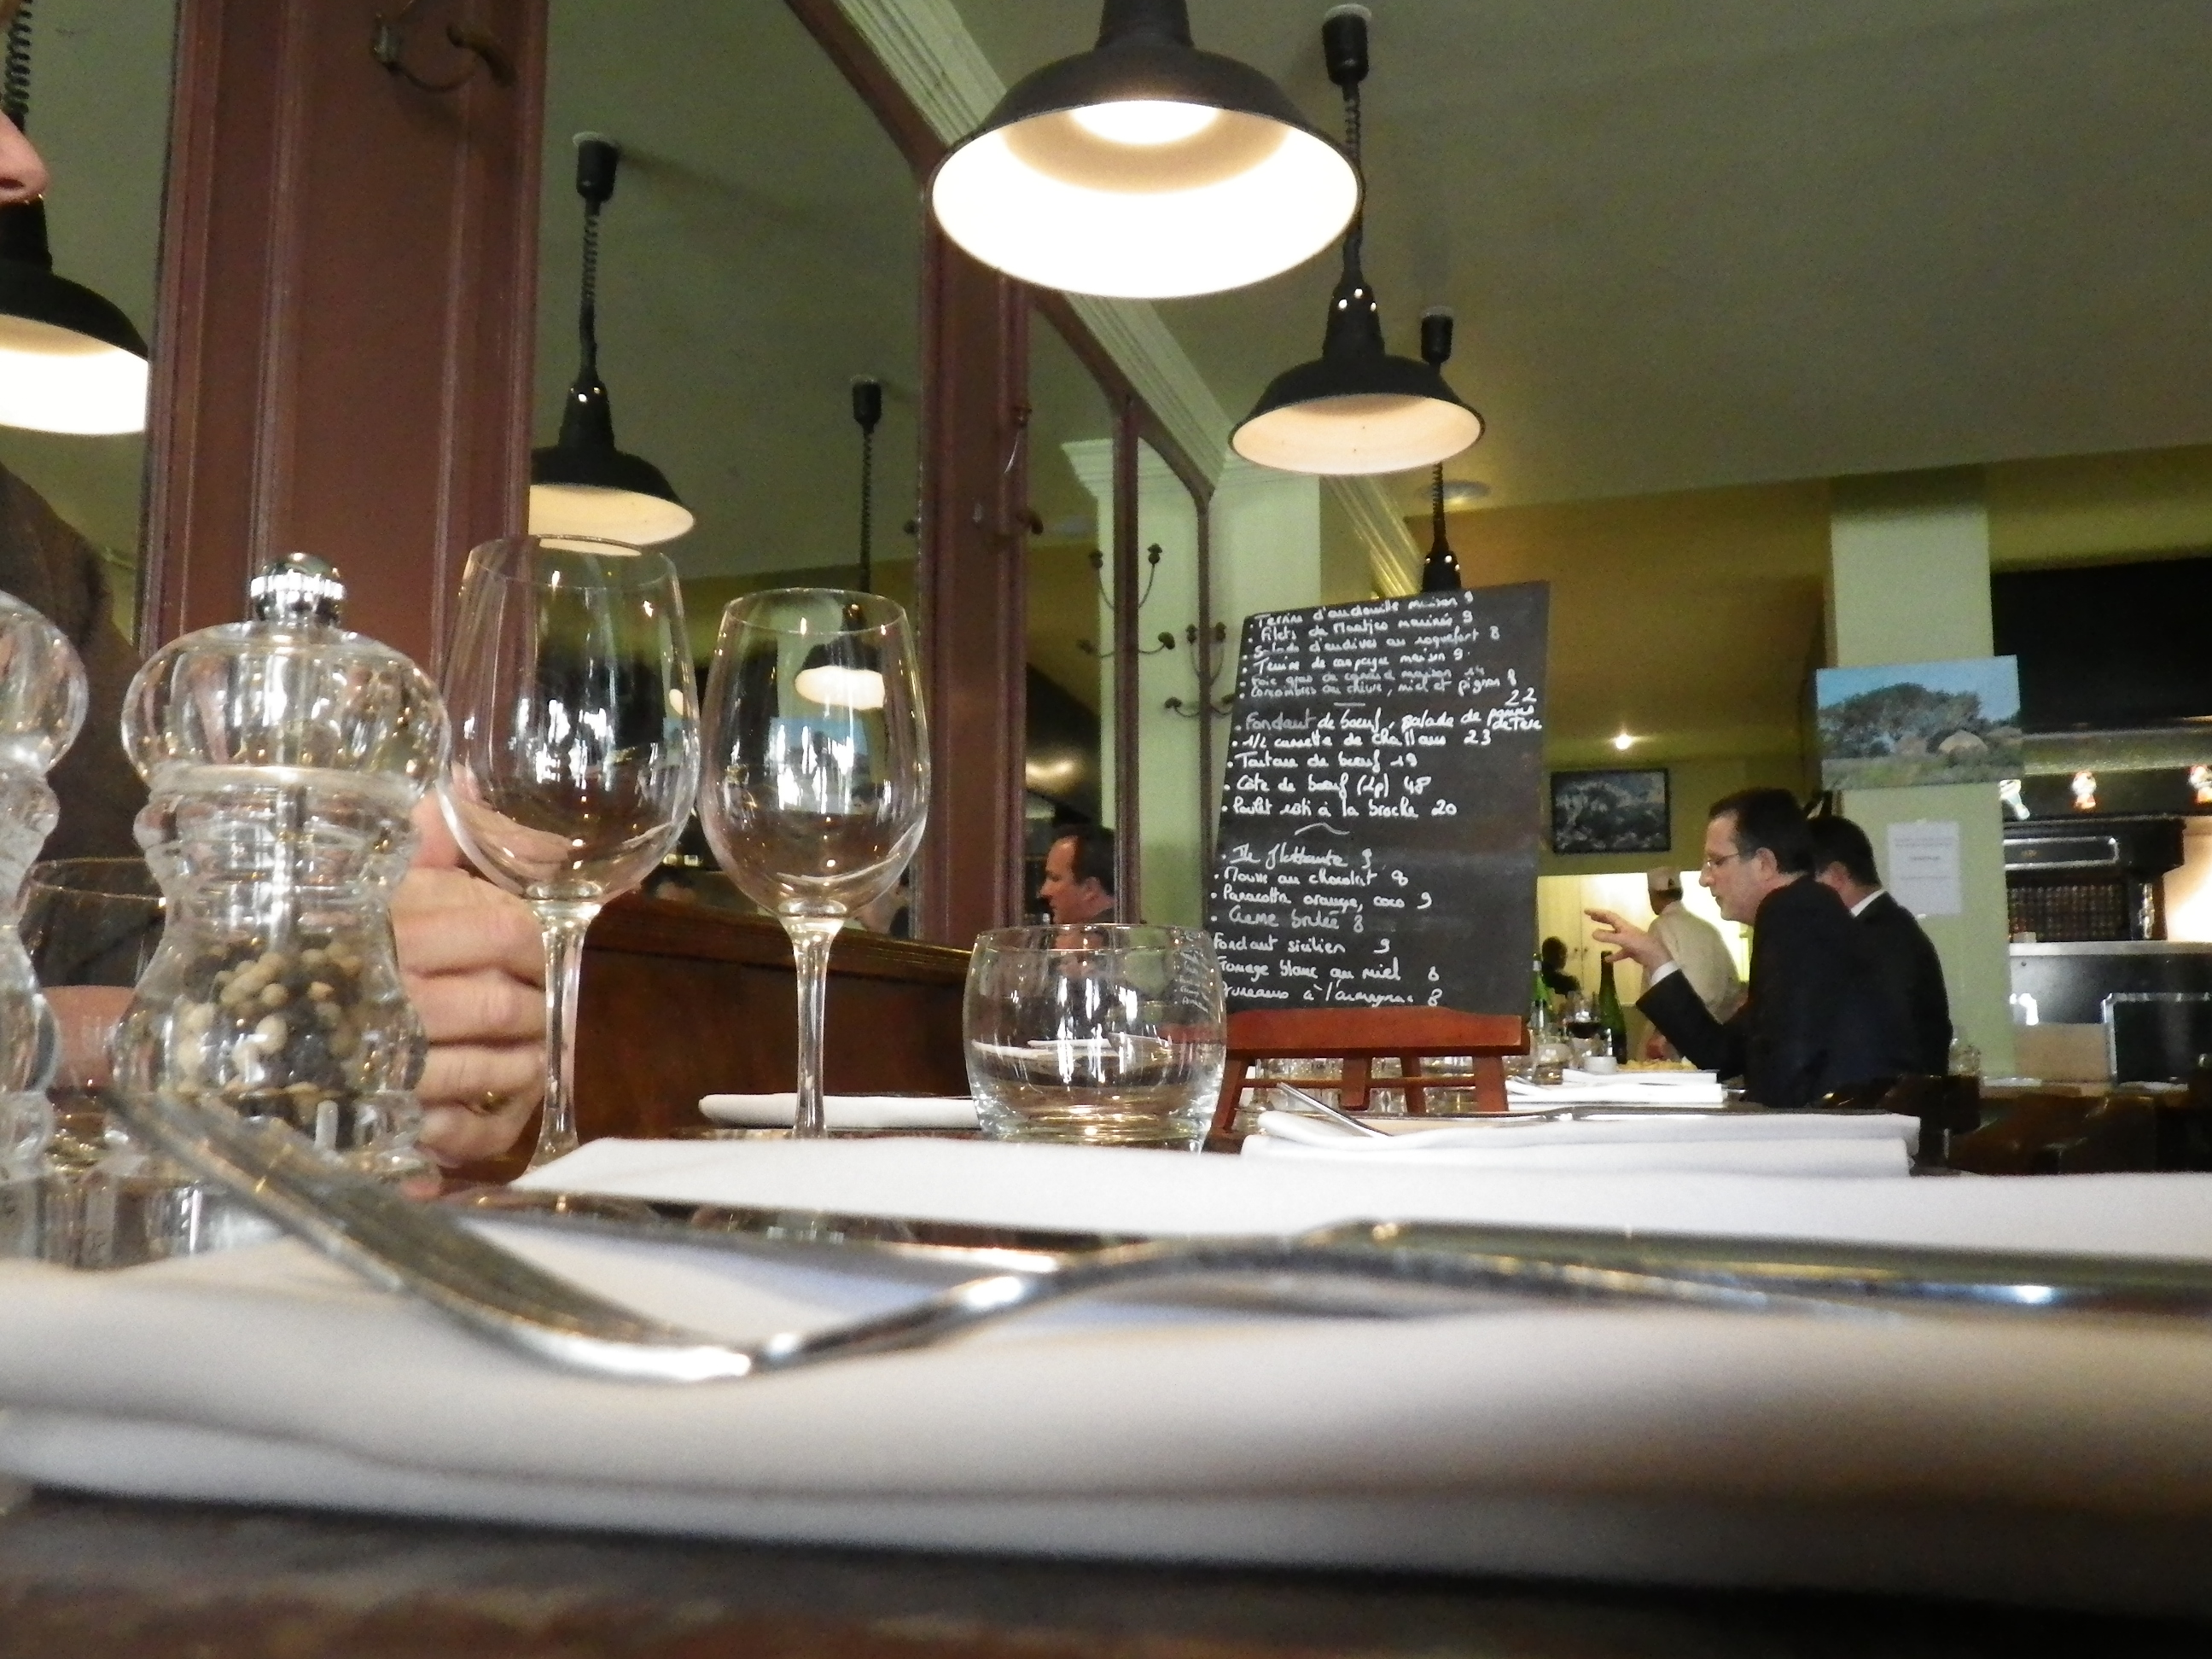 O manger une excellente c te de boeuf paris chez g g - Paris dans ma cuisine ...